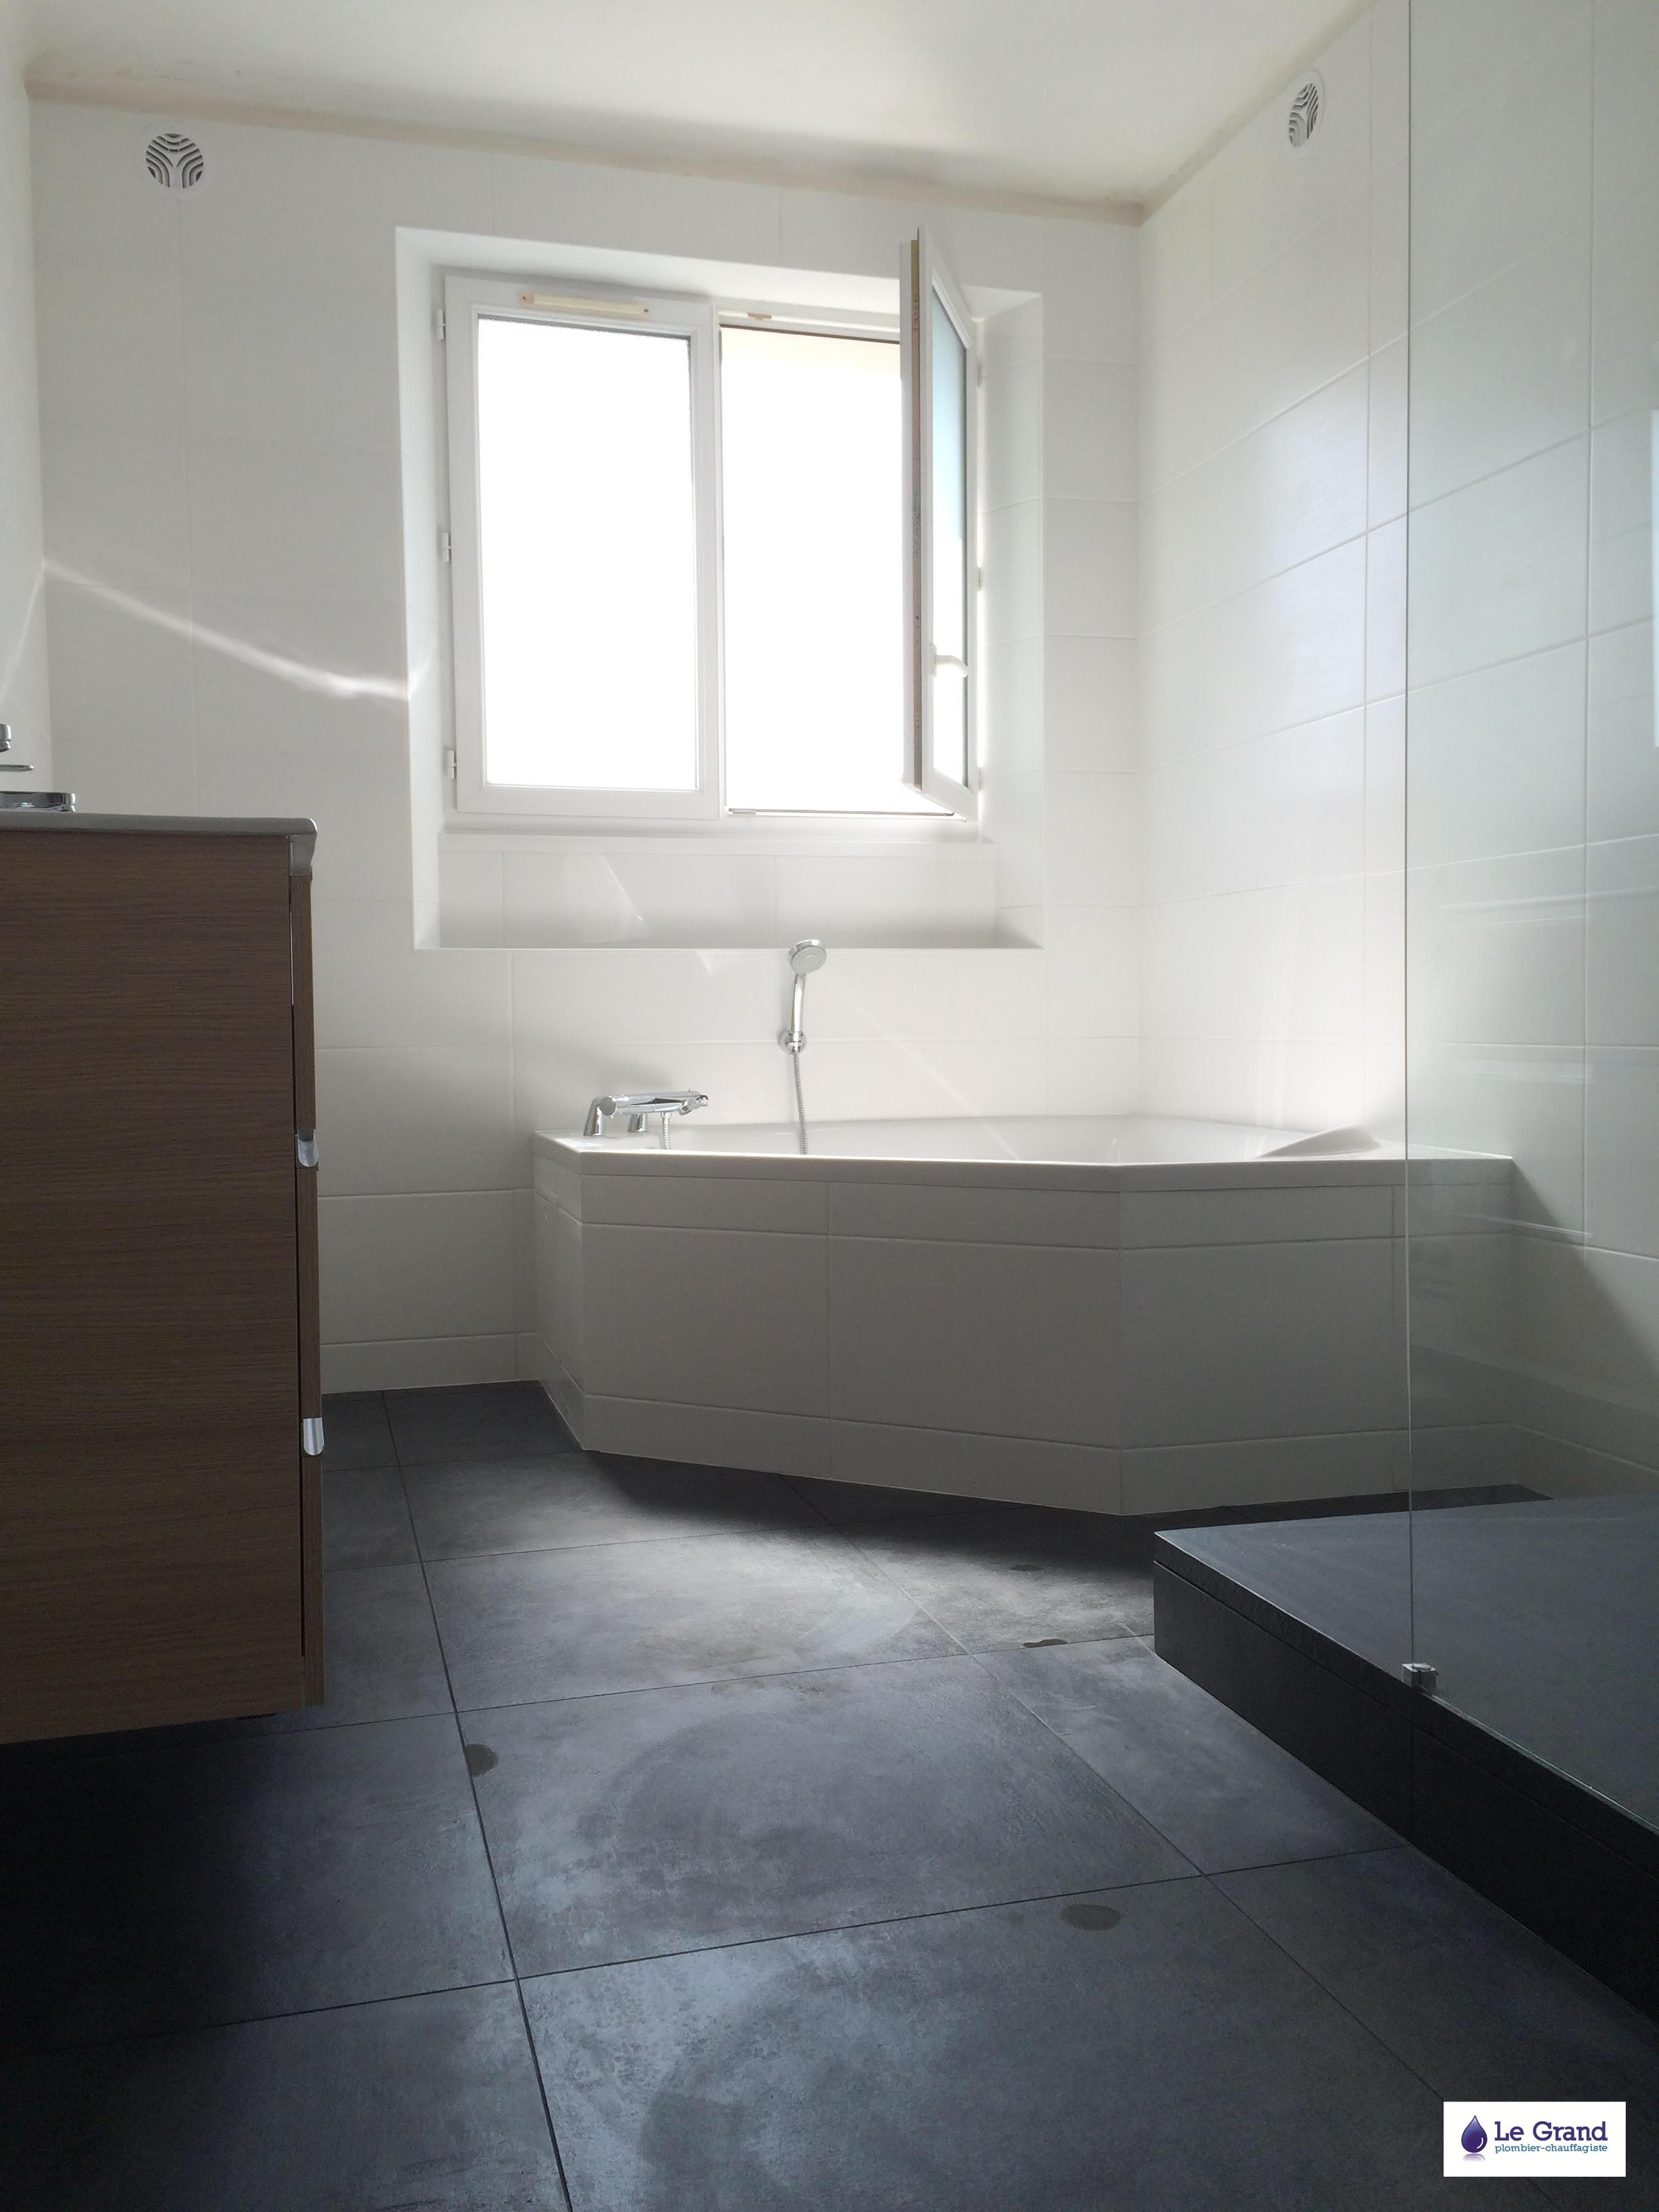 agencement salle de bain avec douche et baignoire. Black Bedroom Furniture Sets. Home Design Ideas